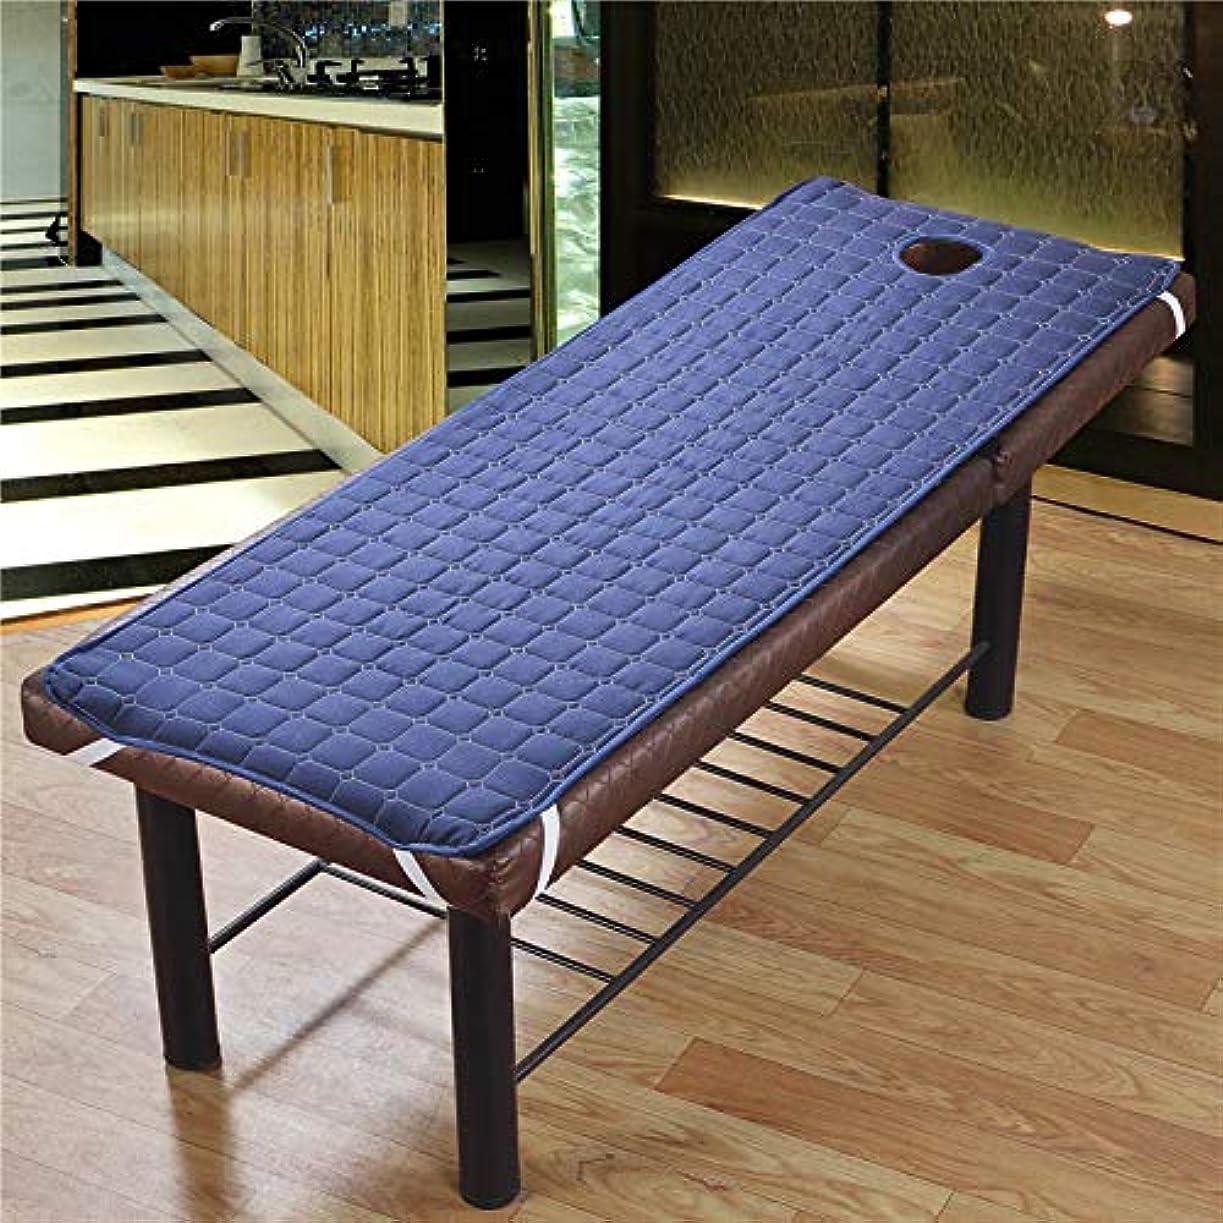 成り立つ先史時代のつづりTenflyer 美容院のマッサージ療法のベッドのための滑り止めのSoliod色の長方形のマットレス